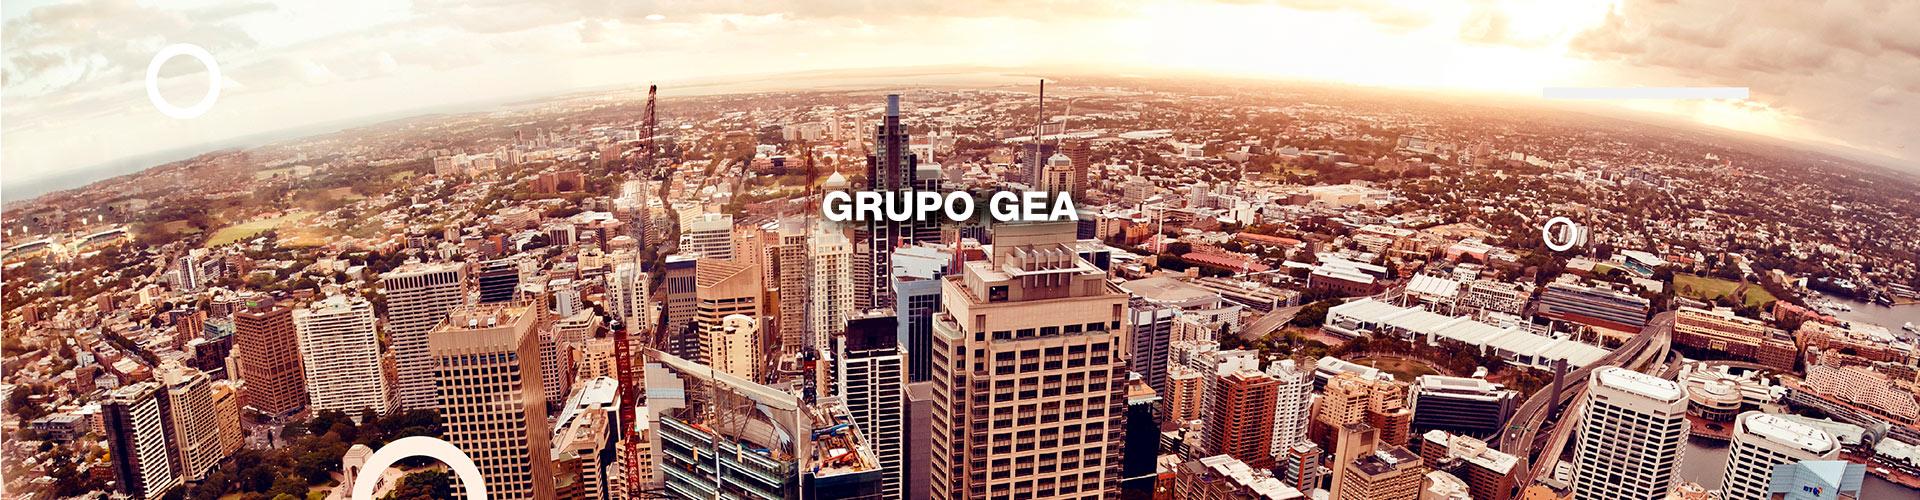 GEA-GrupoGEA